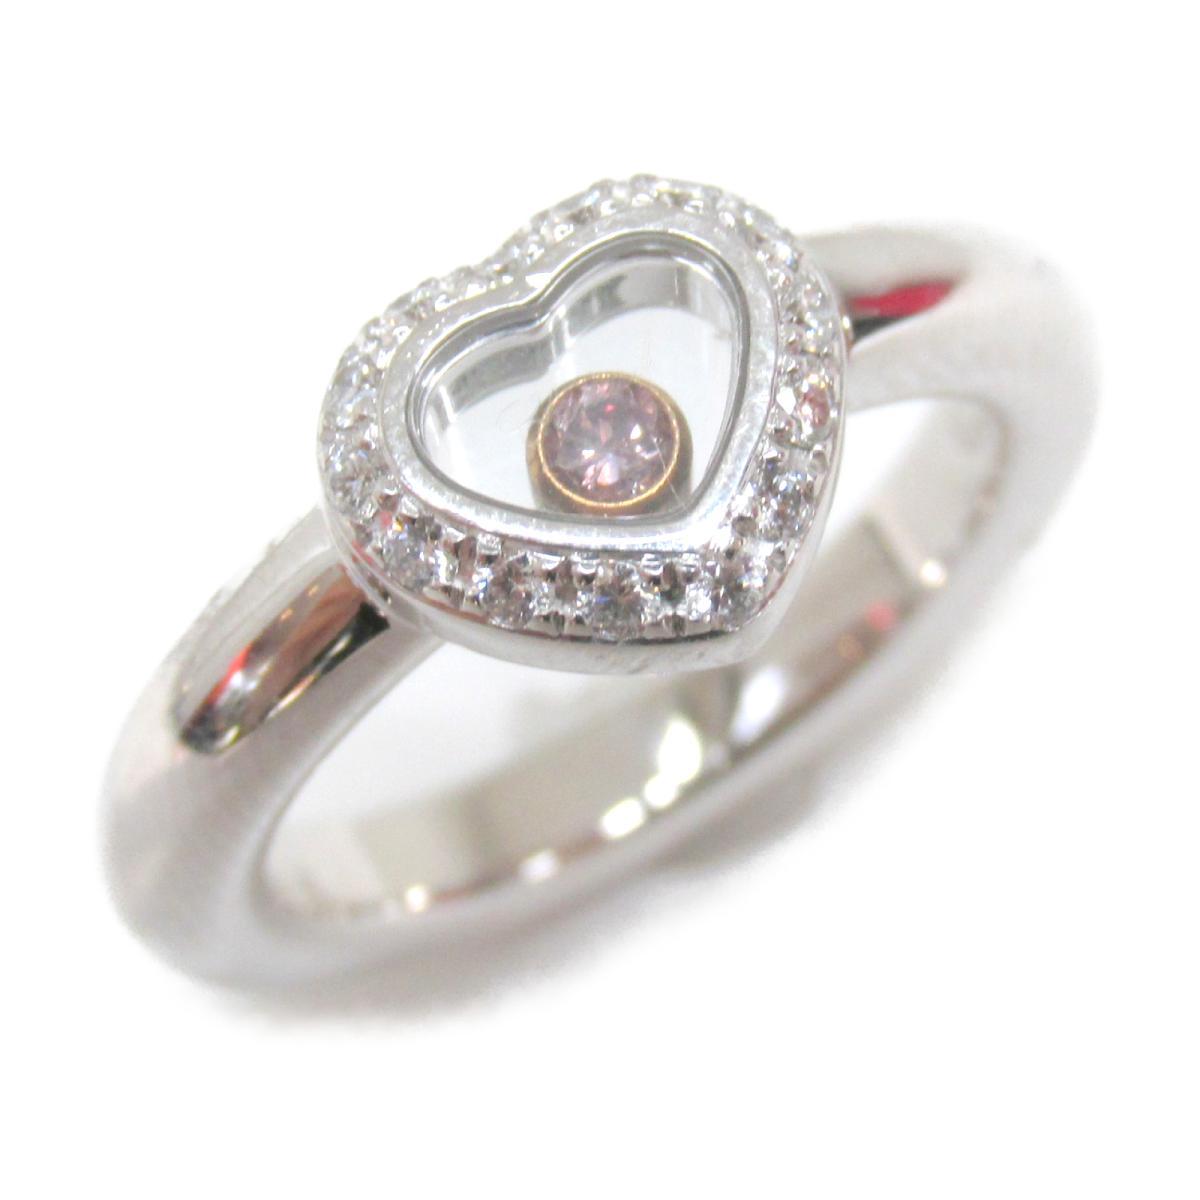 ショパール ハッピーダイヤモンドリング 指輪 ブランドジュエリー レディース K18WG (750) ホワイトゴールド x ダイヤモンド ピンクサファイヤ (2890-20) 【中古】 | Chopard BRANDOFF ブランドオフ ブランド ジュエリー アクセサリー リング